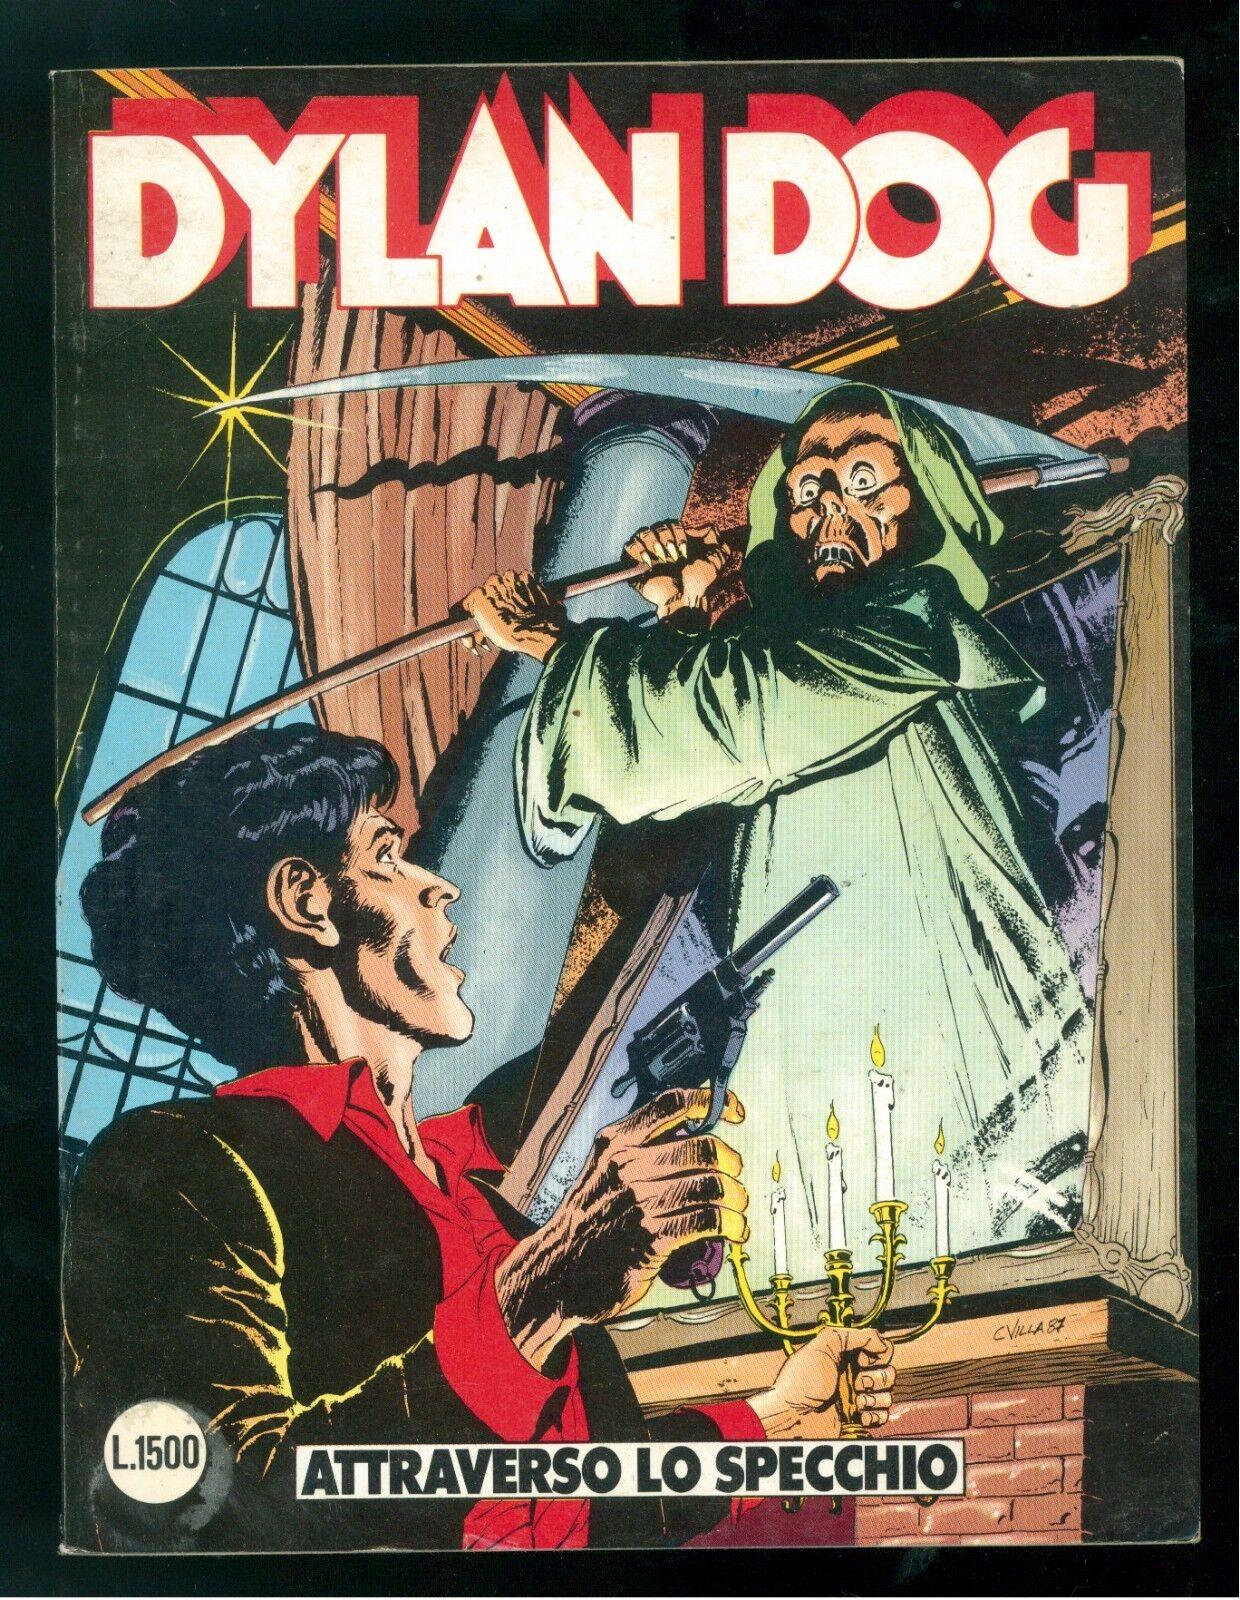 DYLAN DOG ATTRAVERSO LO SPECCHIO NUMERO 10 EDIZIONE ORIGINALE LUGLIO 1987 OTTIMO